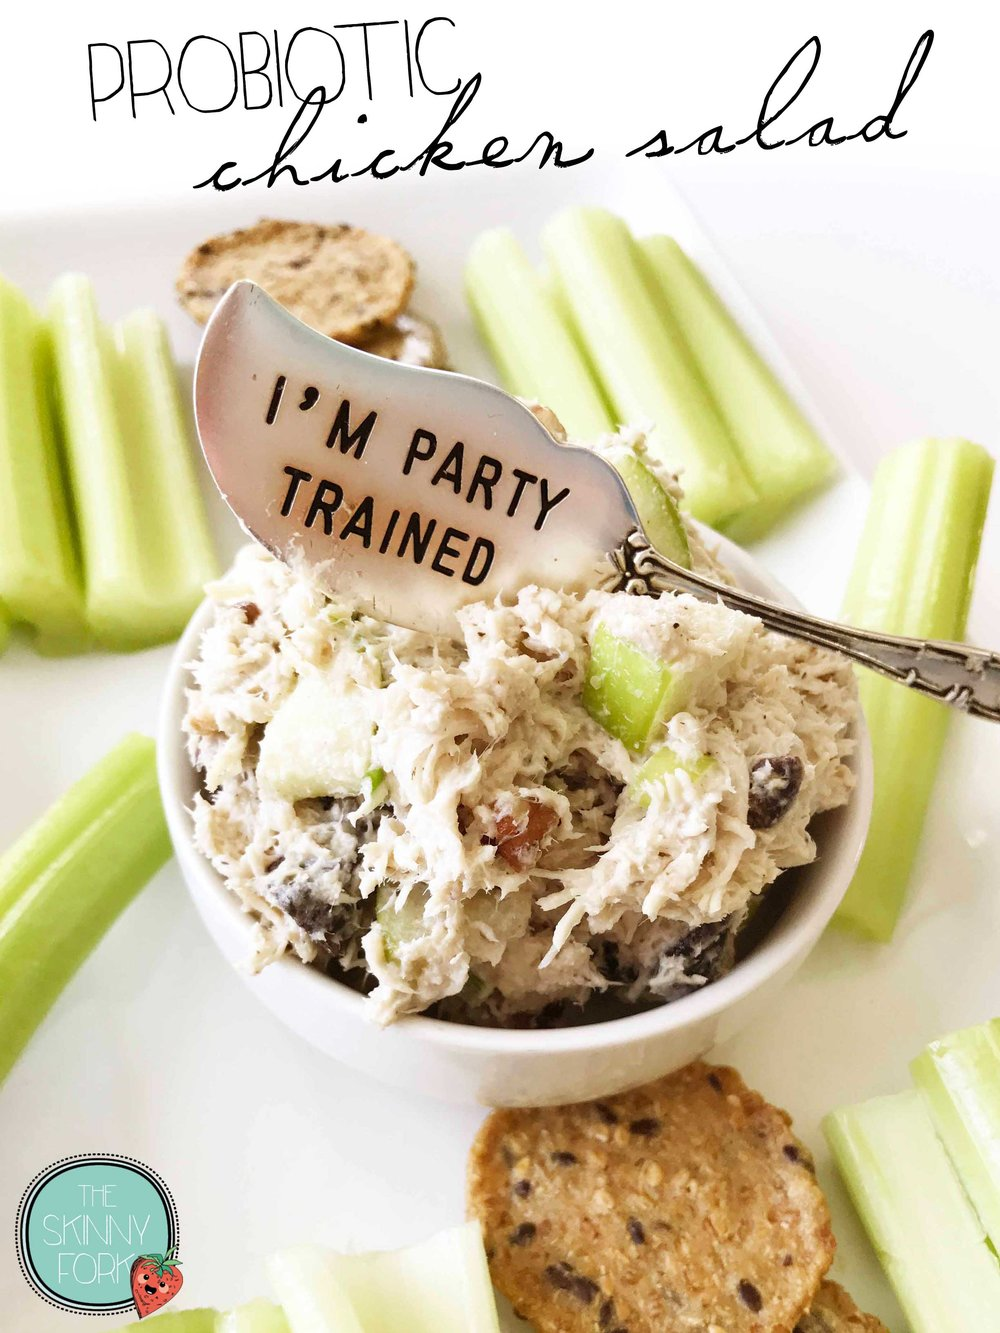 probiotic-chicken-salad-pin.jpg